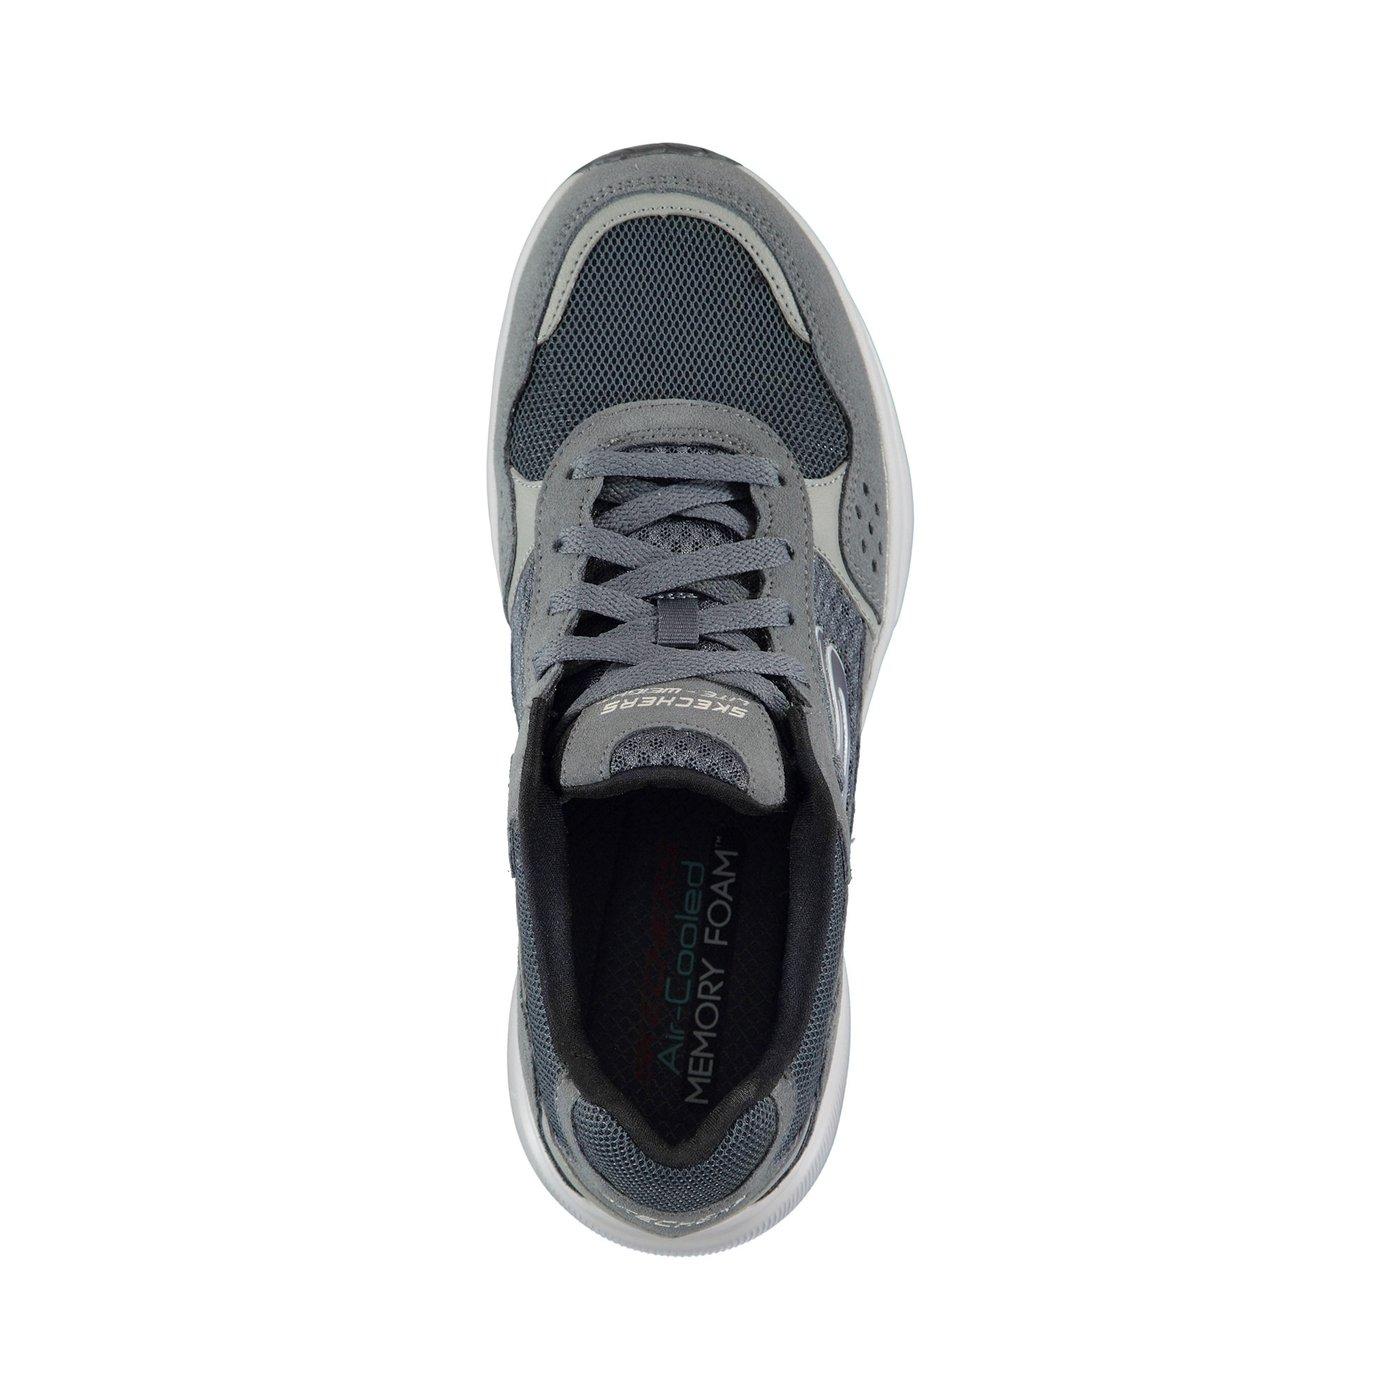 Skechers Meridian- Ostwall Erkek Gri Spor Ayakkabı